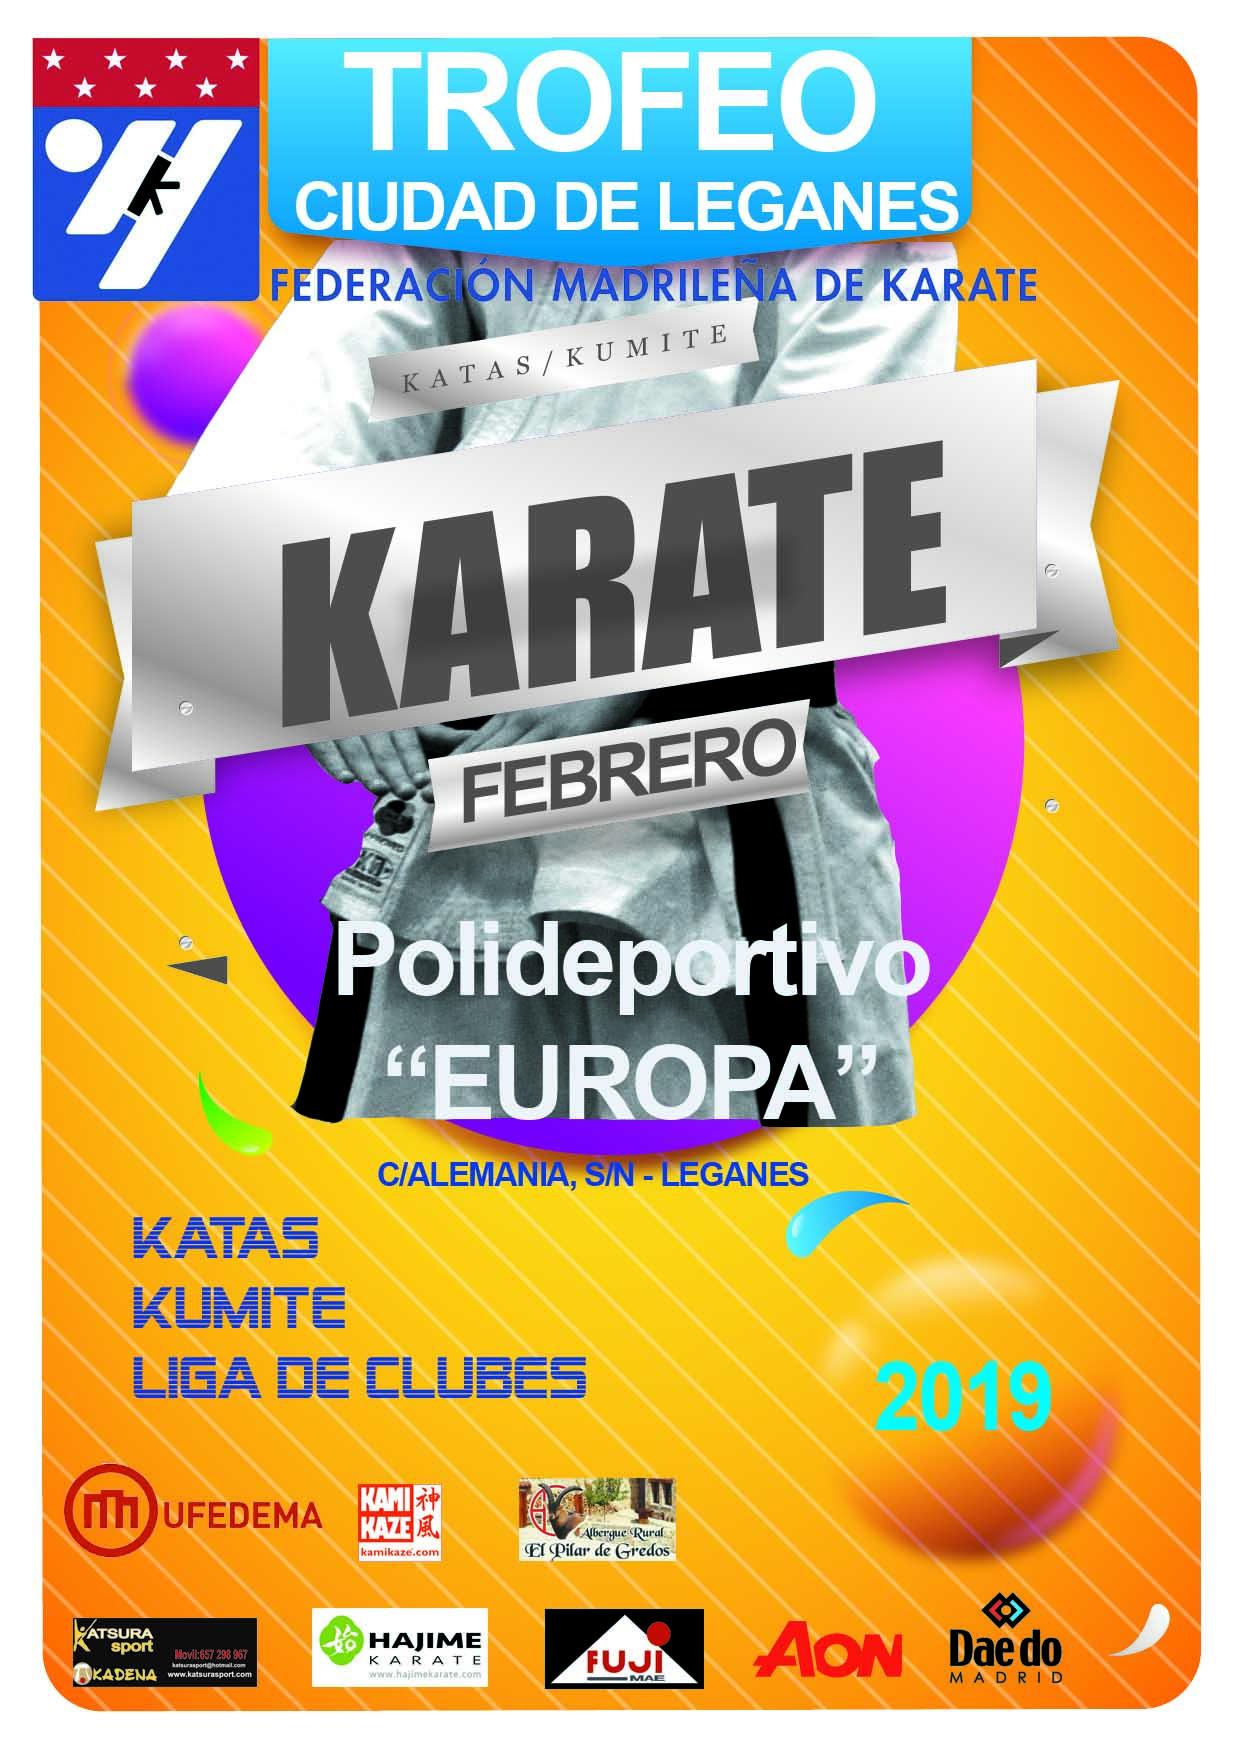 Trofeo Ciudad de Leganés 2019